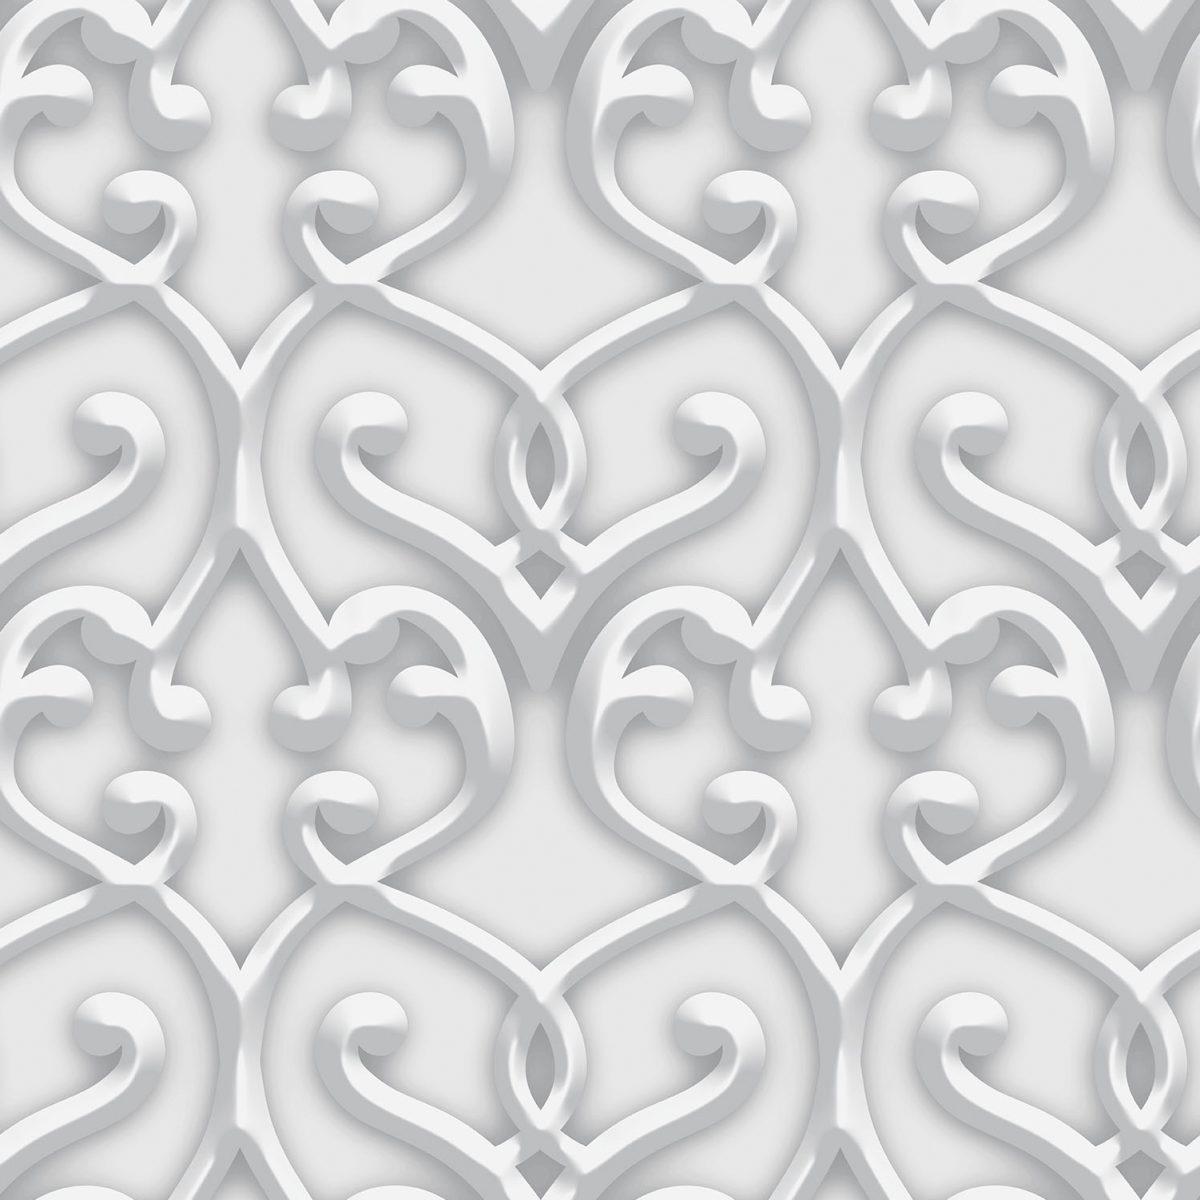 Papel de parede  damask  vinílico Dimensões